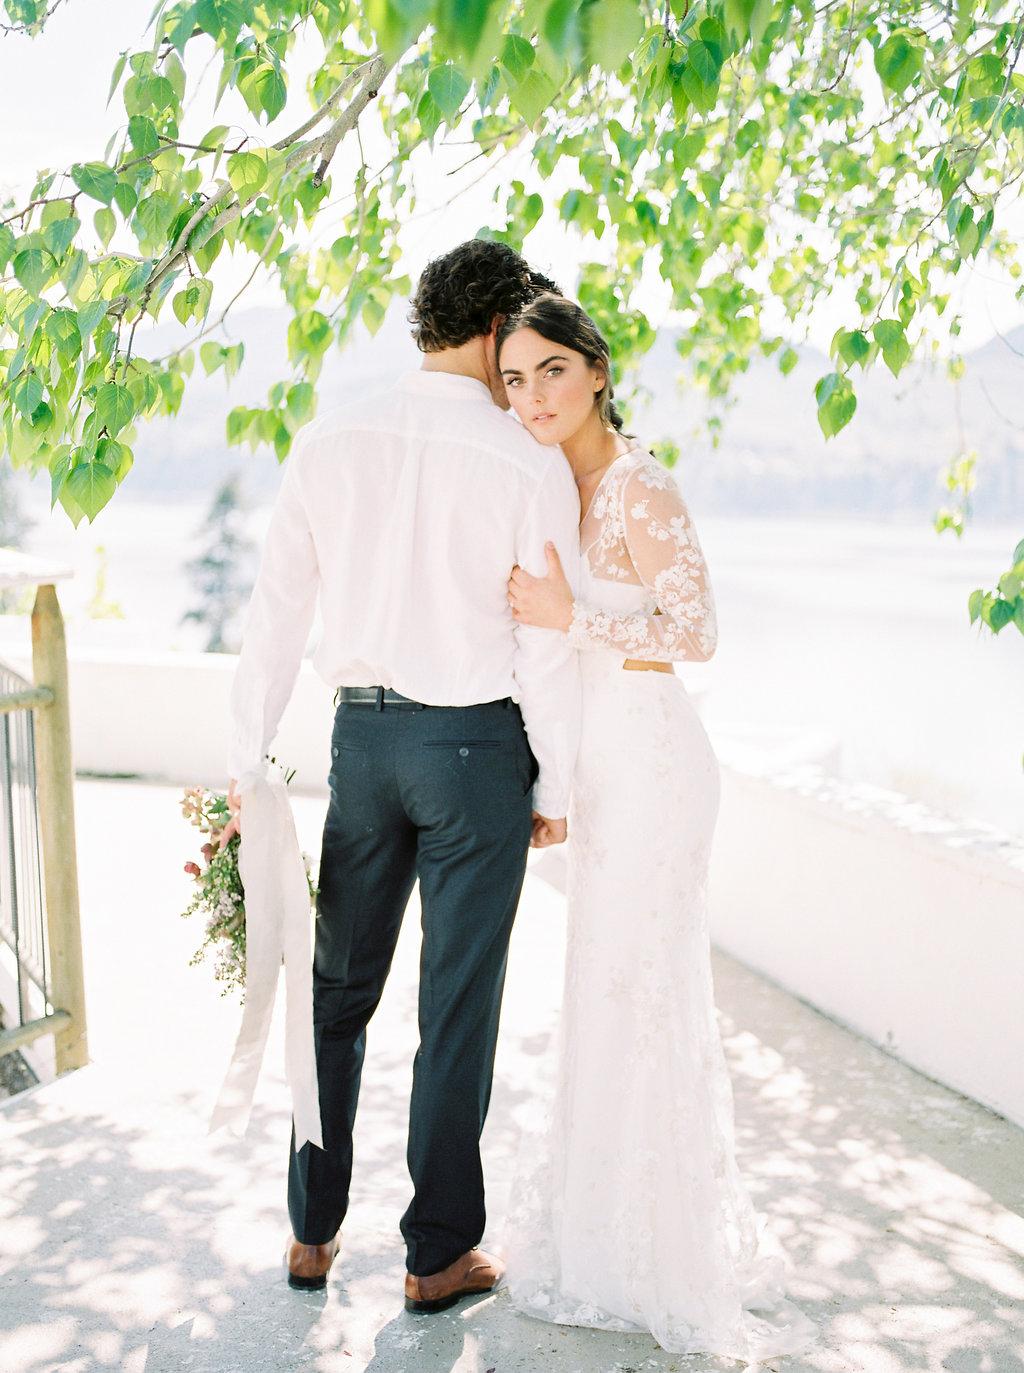 West Coast Weddings Magazine